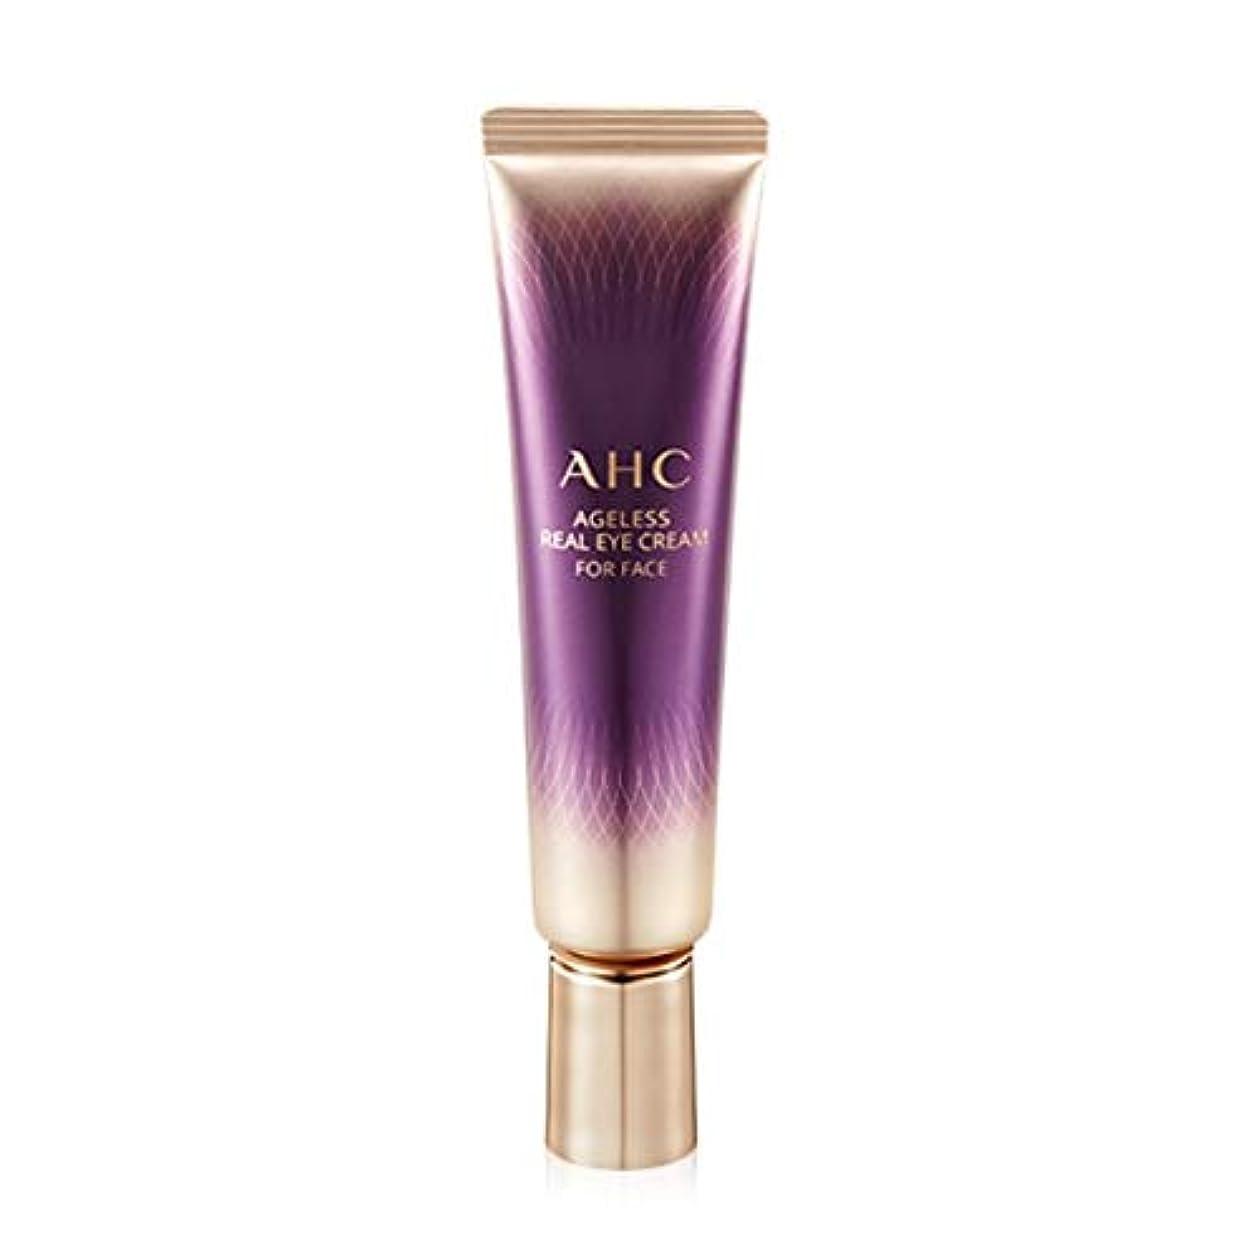 霊ピア全員[New] AHC Ageless Real Eye Cream For Face Season 7 30ml / AHC エイジレス リアル アイクリーム フォーフェイス 30ml [並行輸入品]